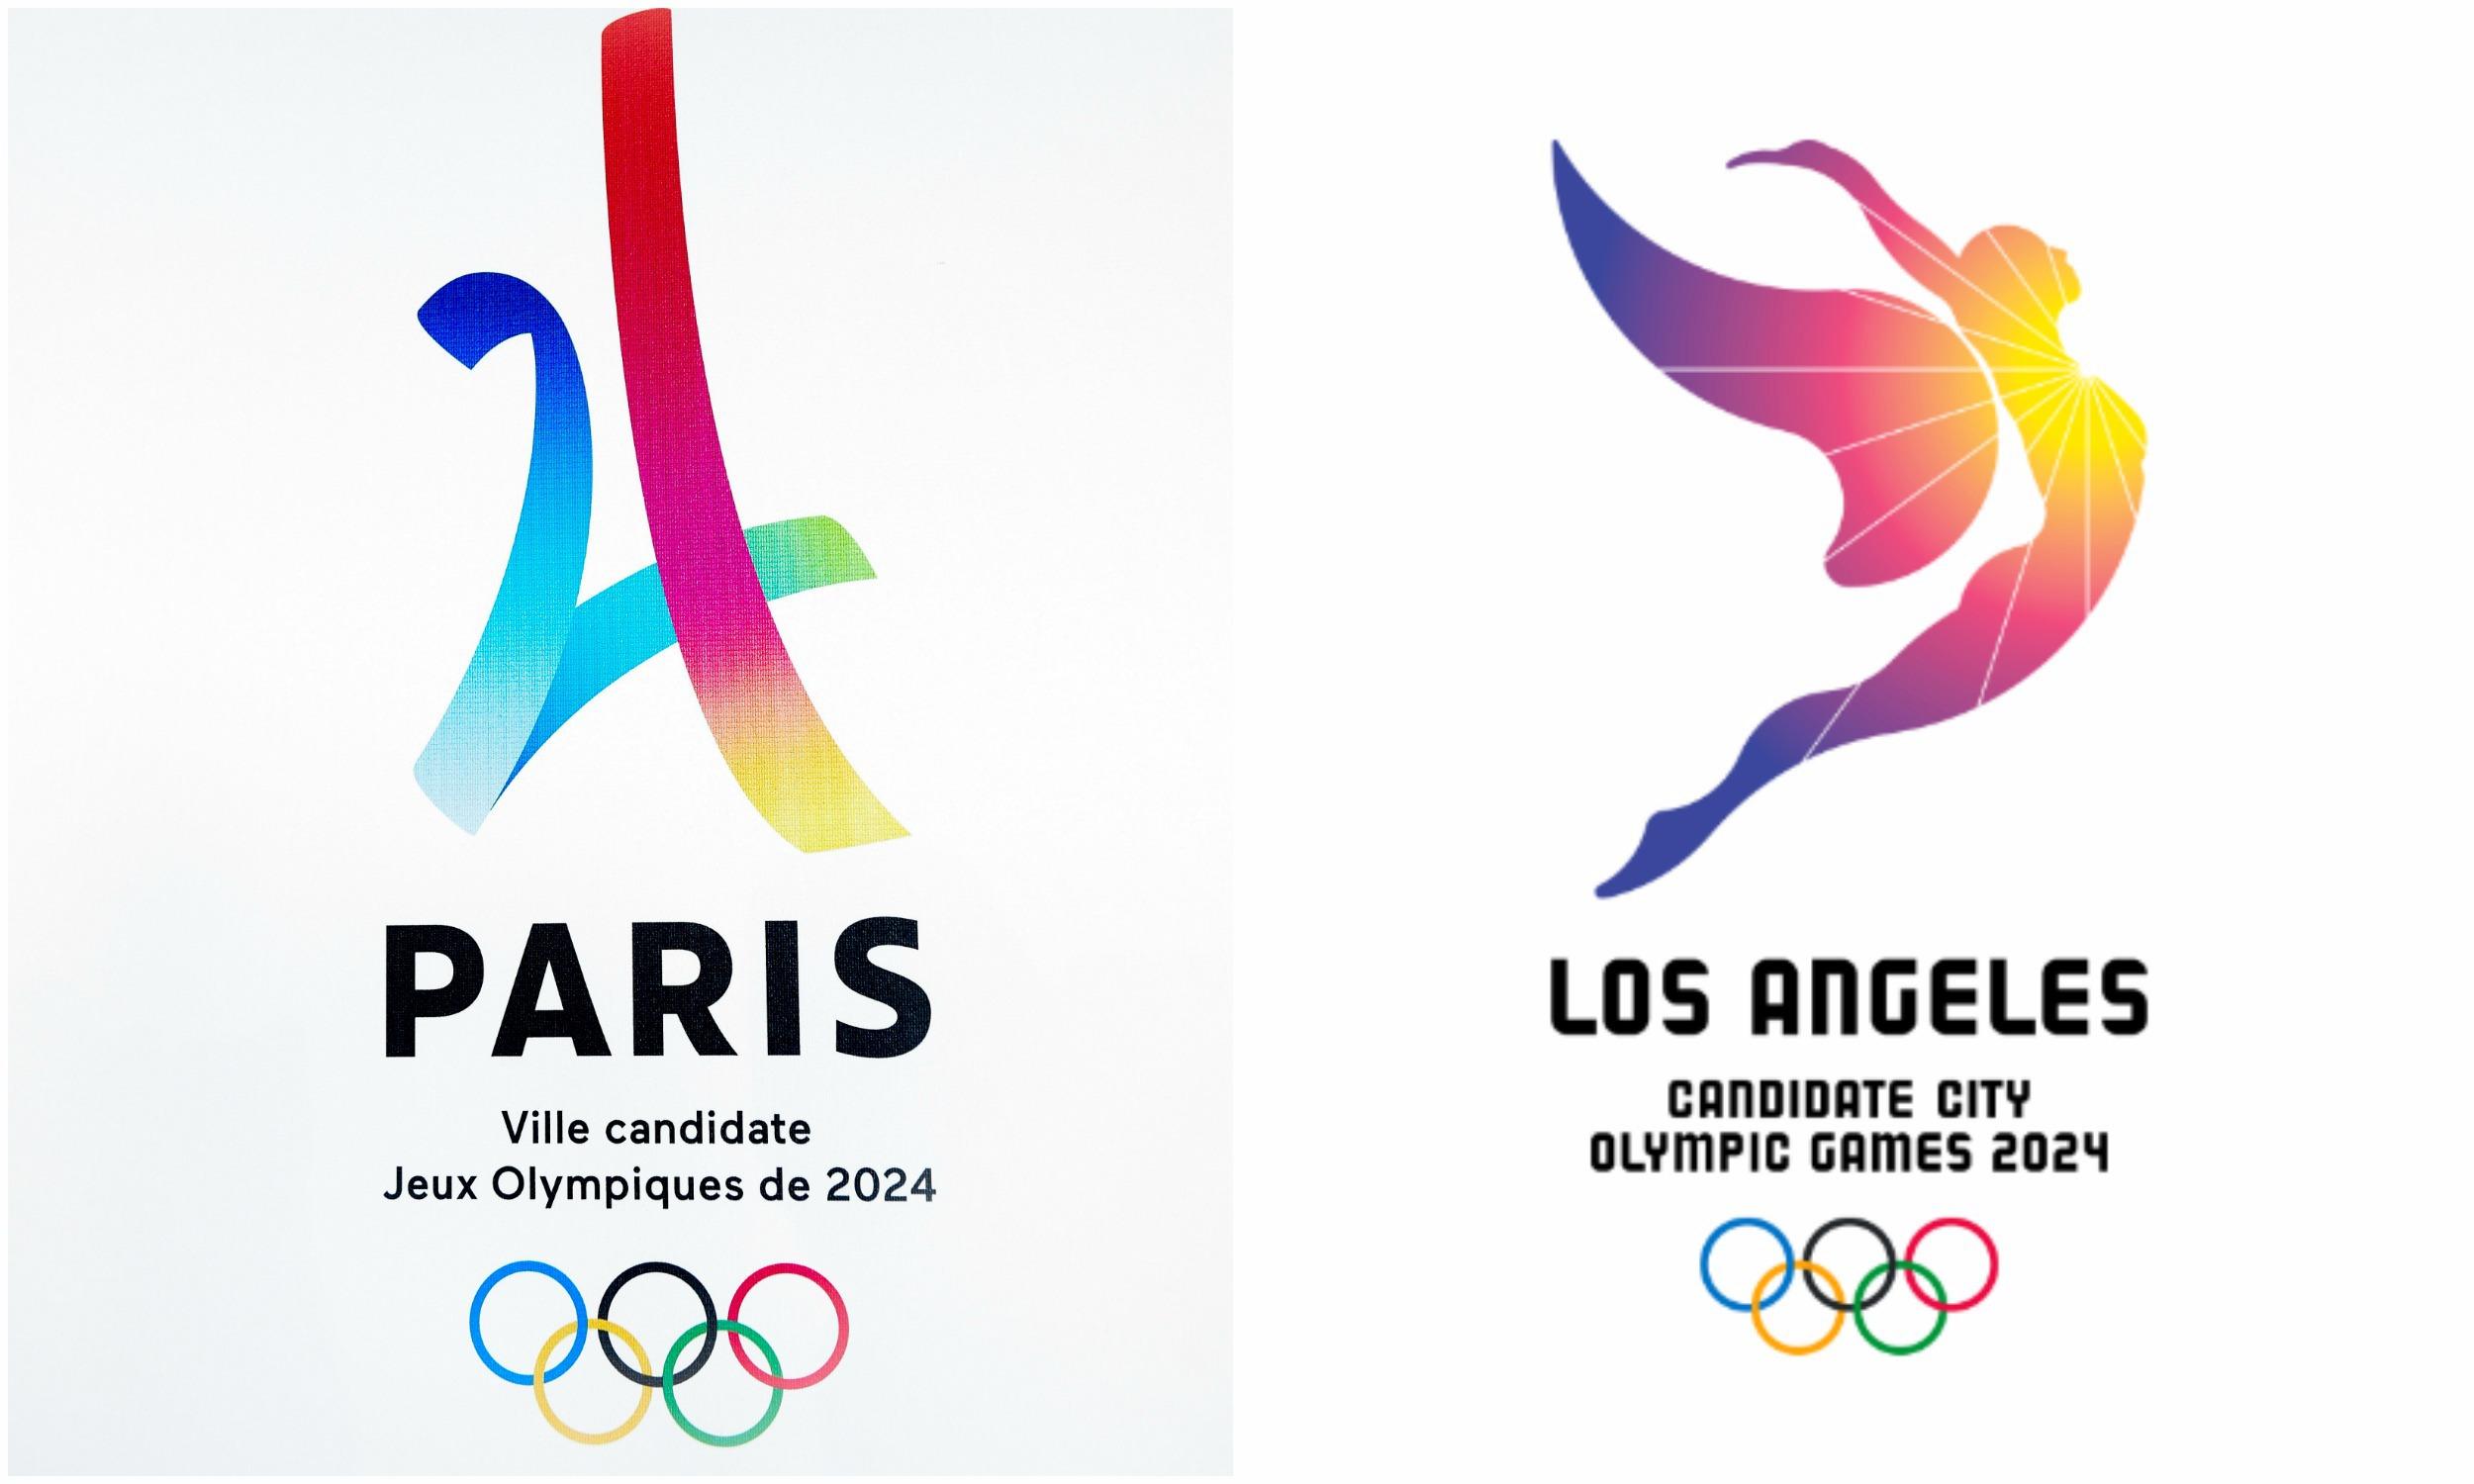 paris 2024 los angeles 2028  et tout le monde est content 50th anniversary logo ideas 50th anniversary logo ideas